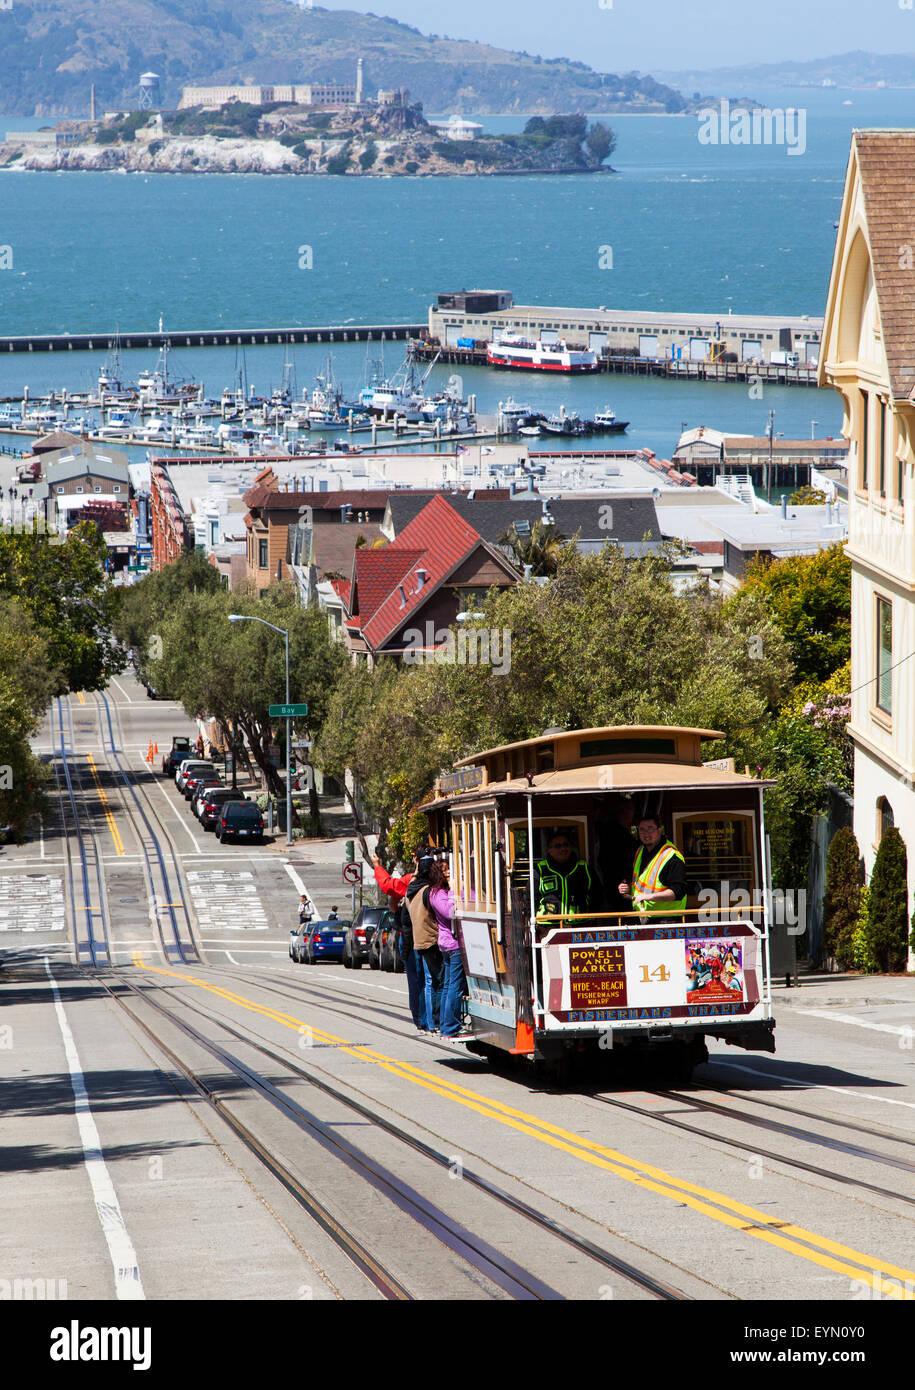 Un teleférico bajando Hyde Street, en el centro de San Francisco, EE.UU. Imagen De Stock